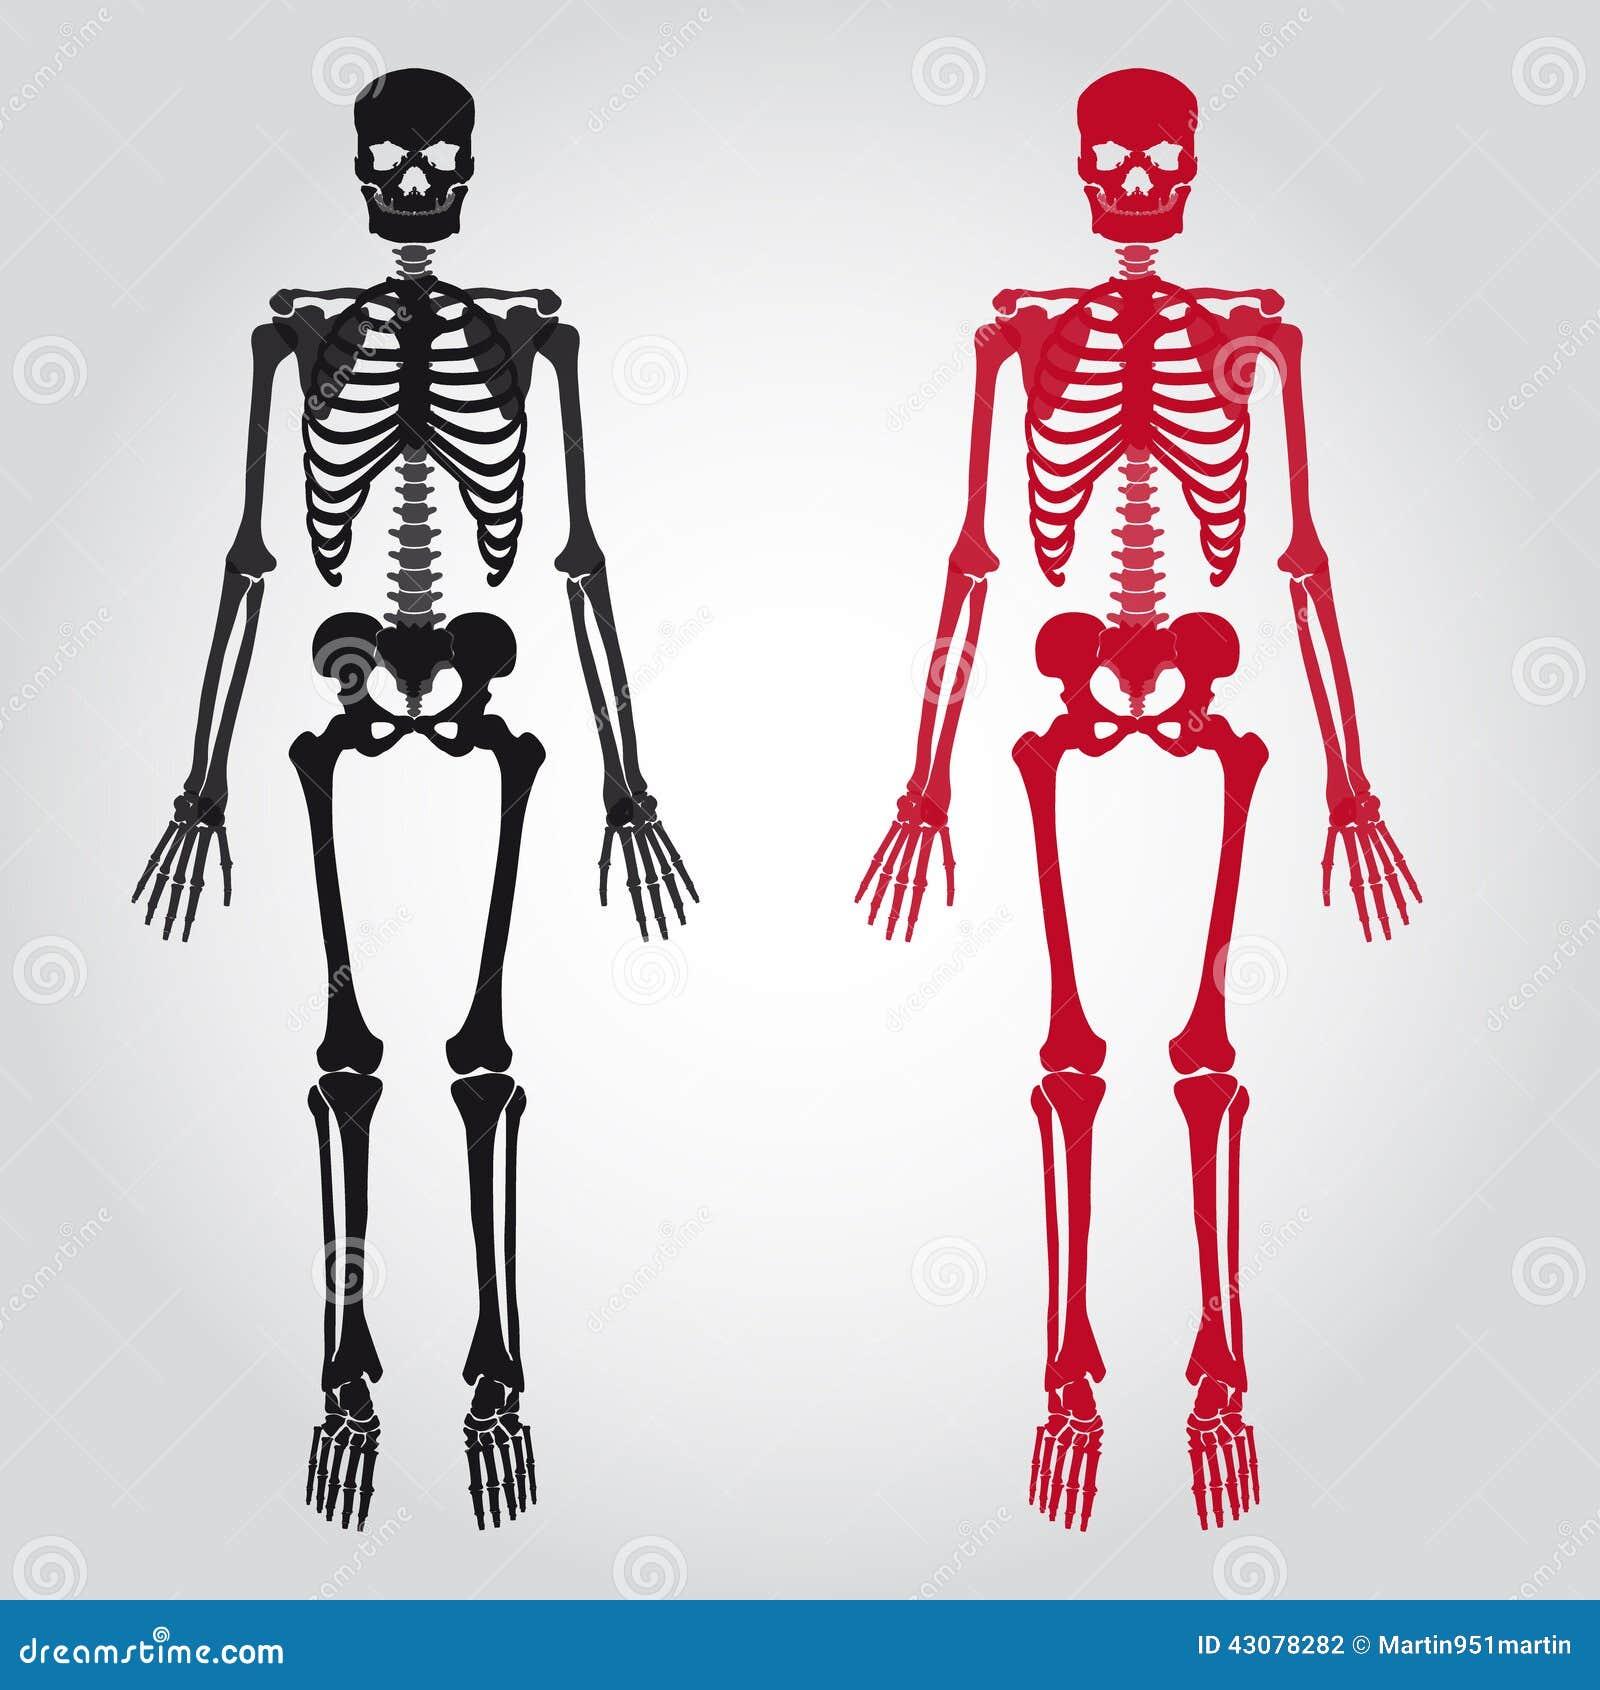 skelette menschliche knochen eingestellt vektor abbildung bild 43078282. Black Bedroom Furniture Sets. Home Design Ideas